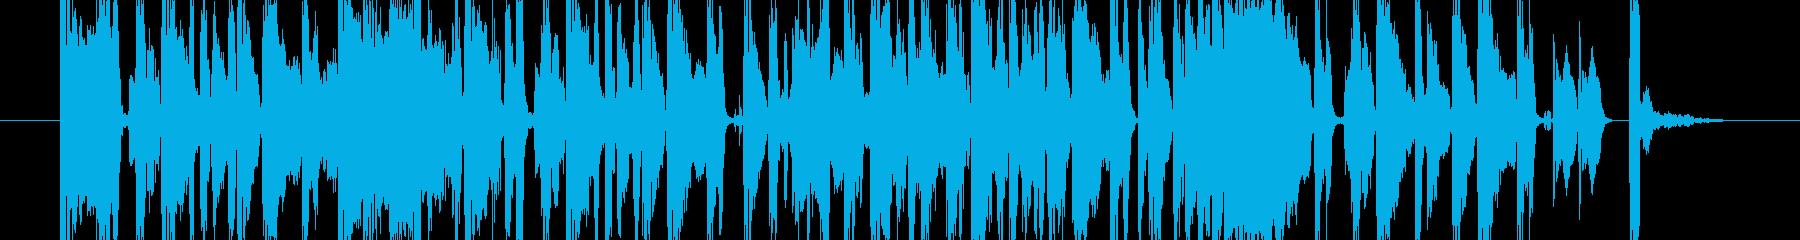 15秒CM向け!オシャレで軽快な楽曲!の再生済みの波形